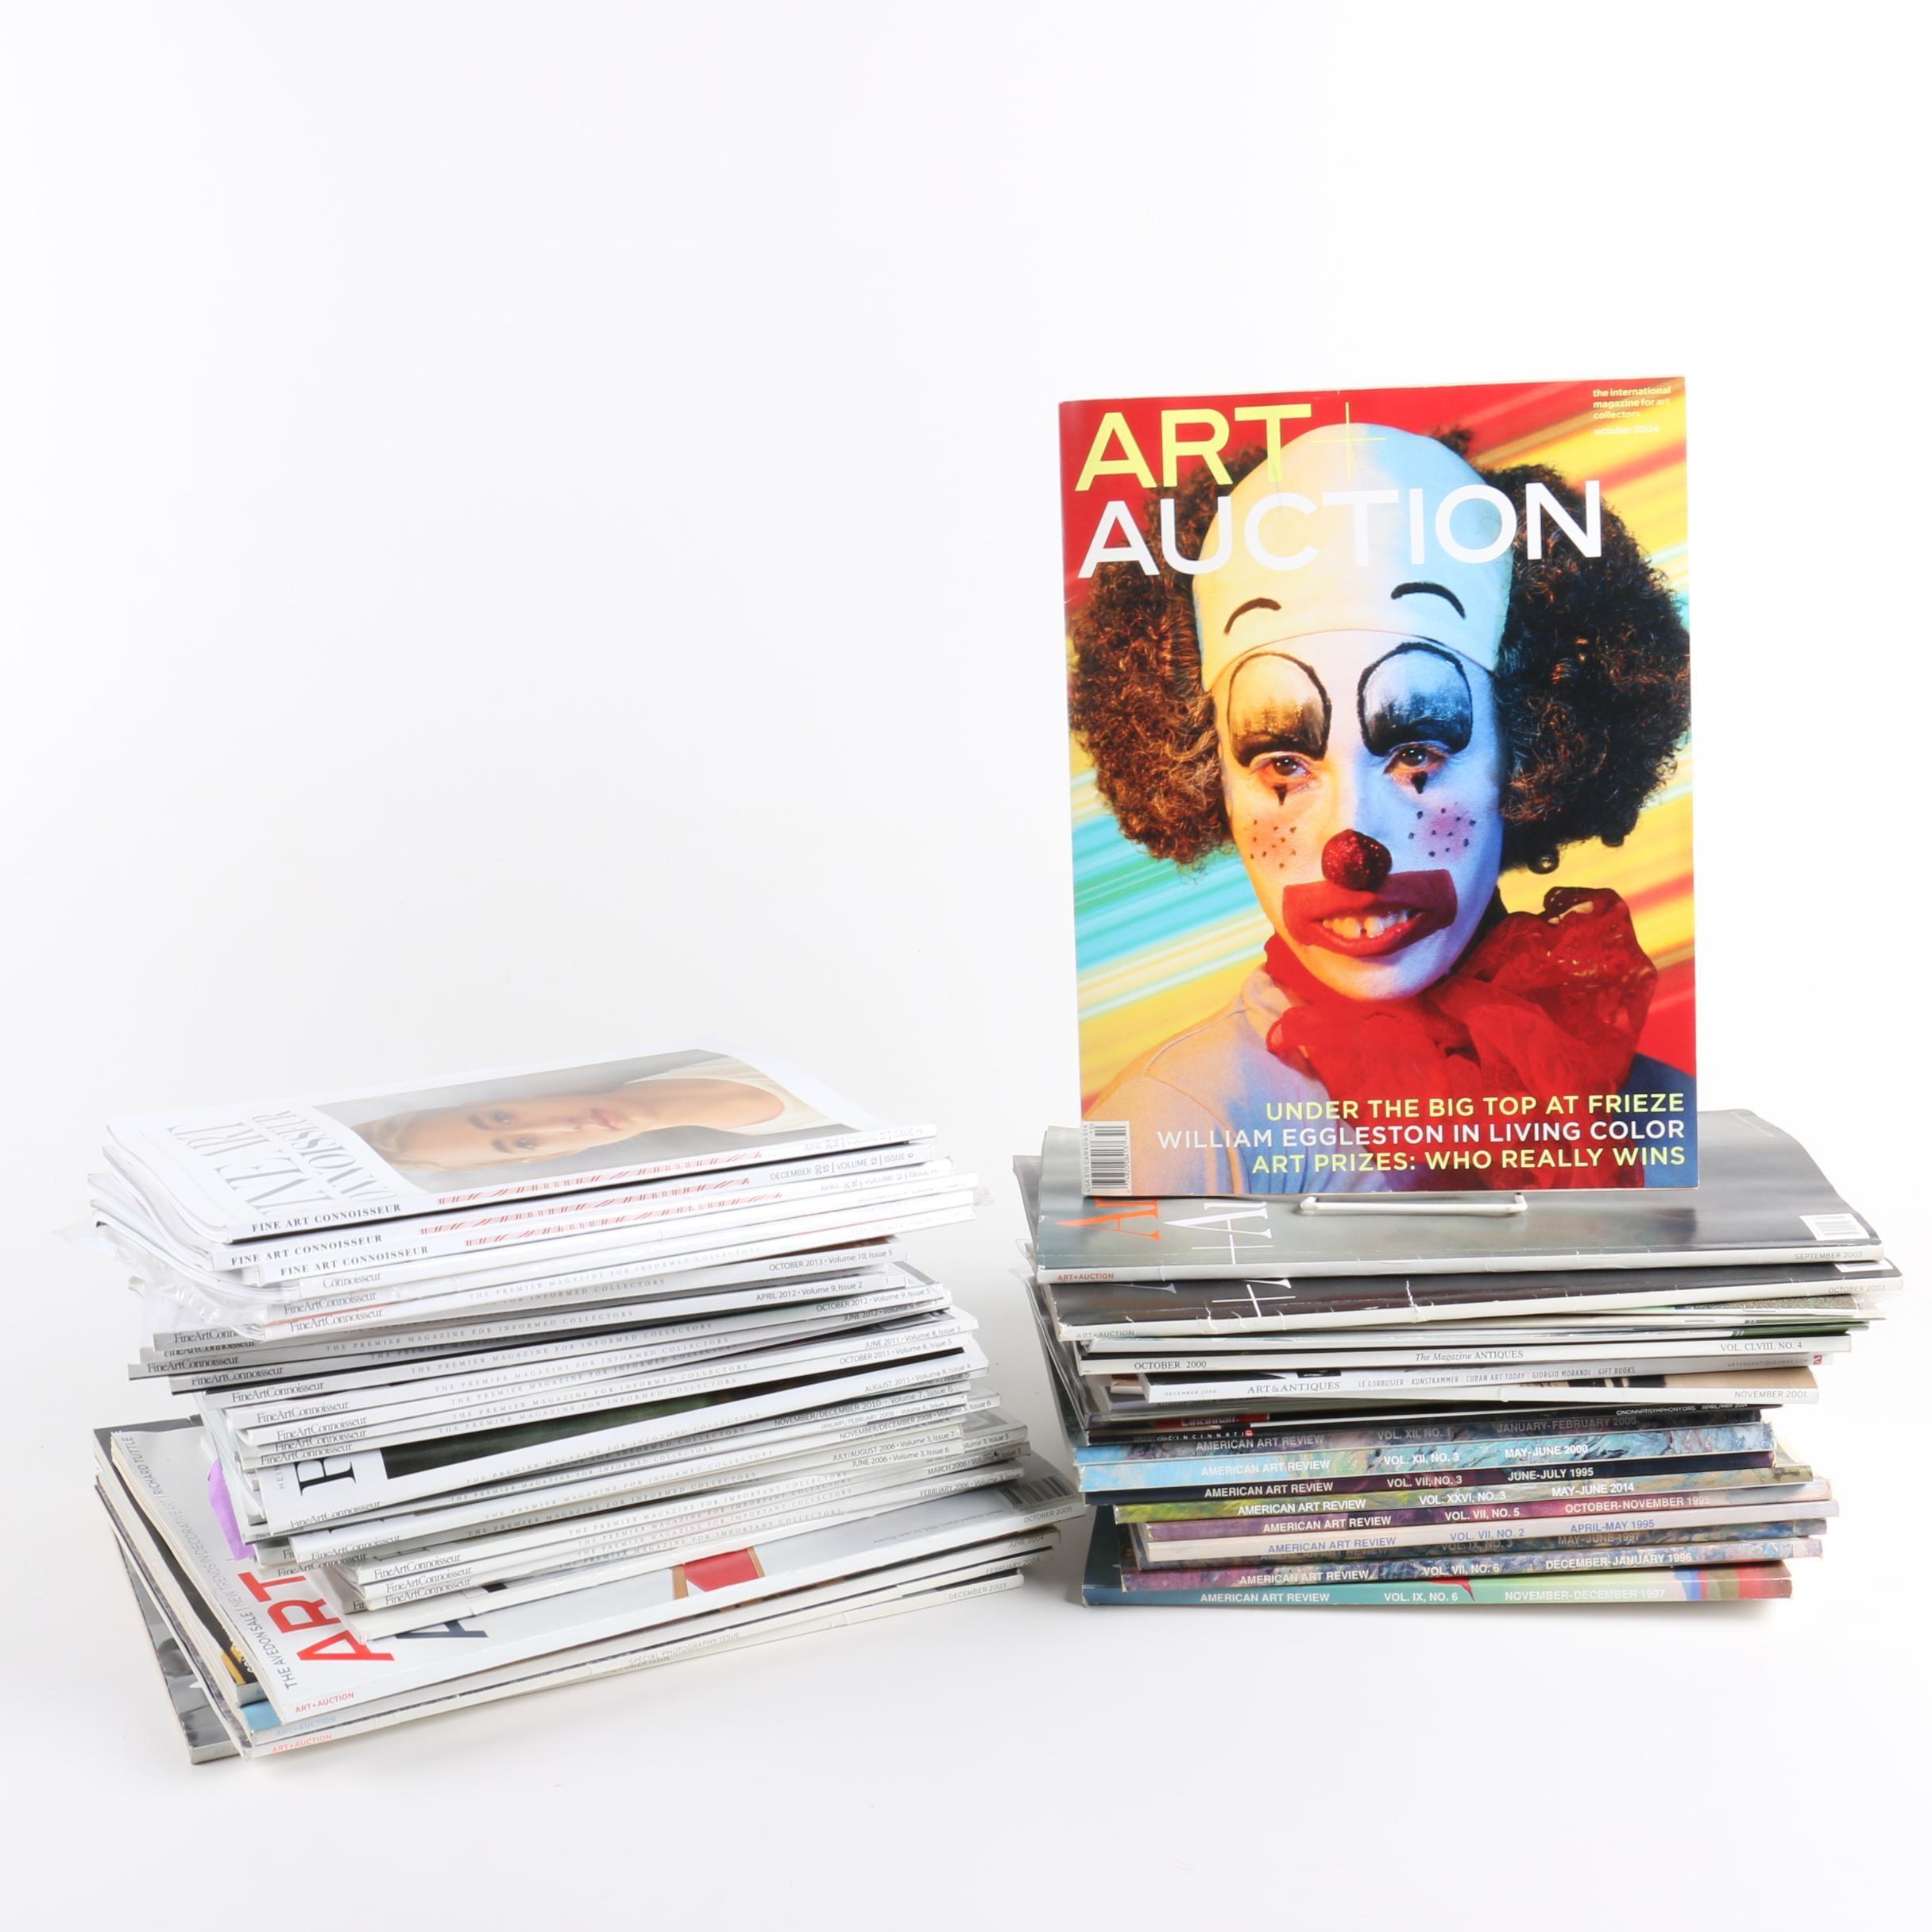 Assortment of Periodicals